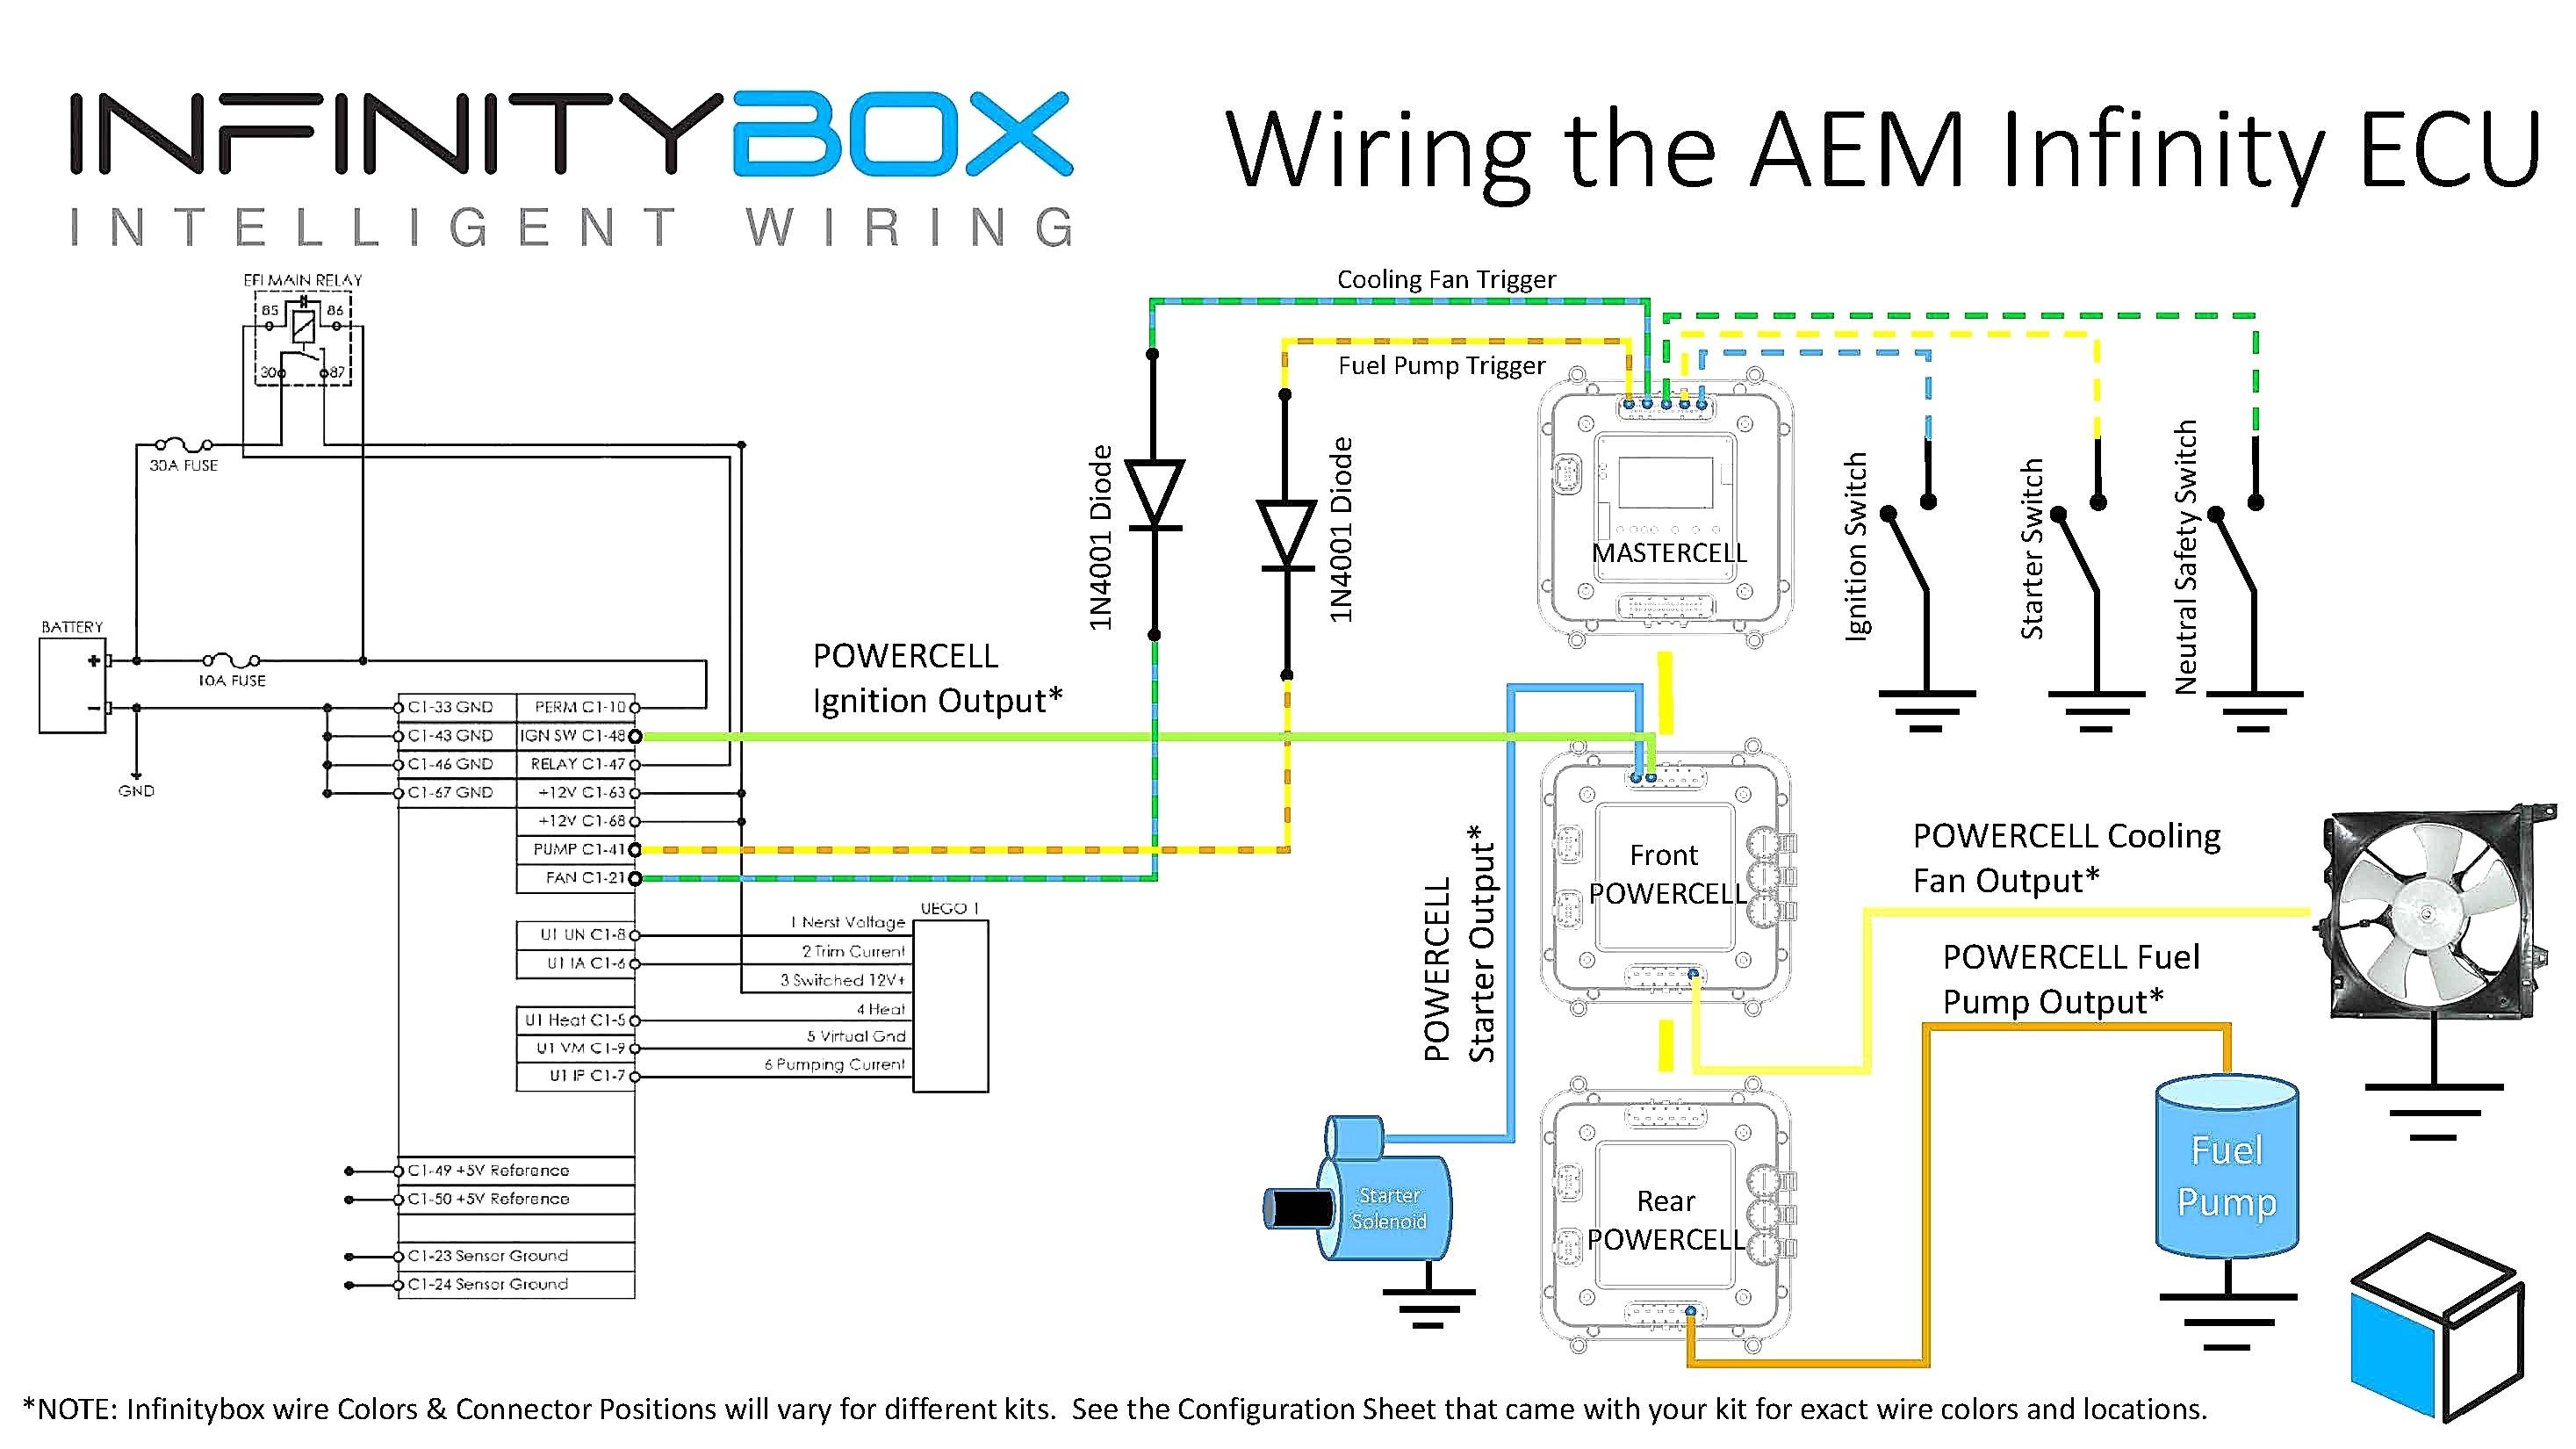 delco stereo wiring diagram - delco car stereo wiring diagram valid delco  stereo wiring diagram fresh